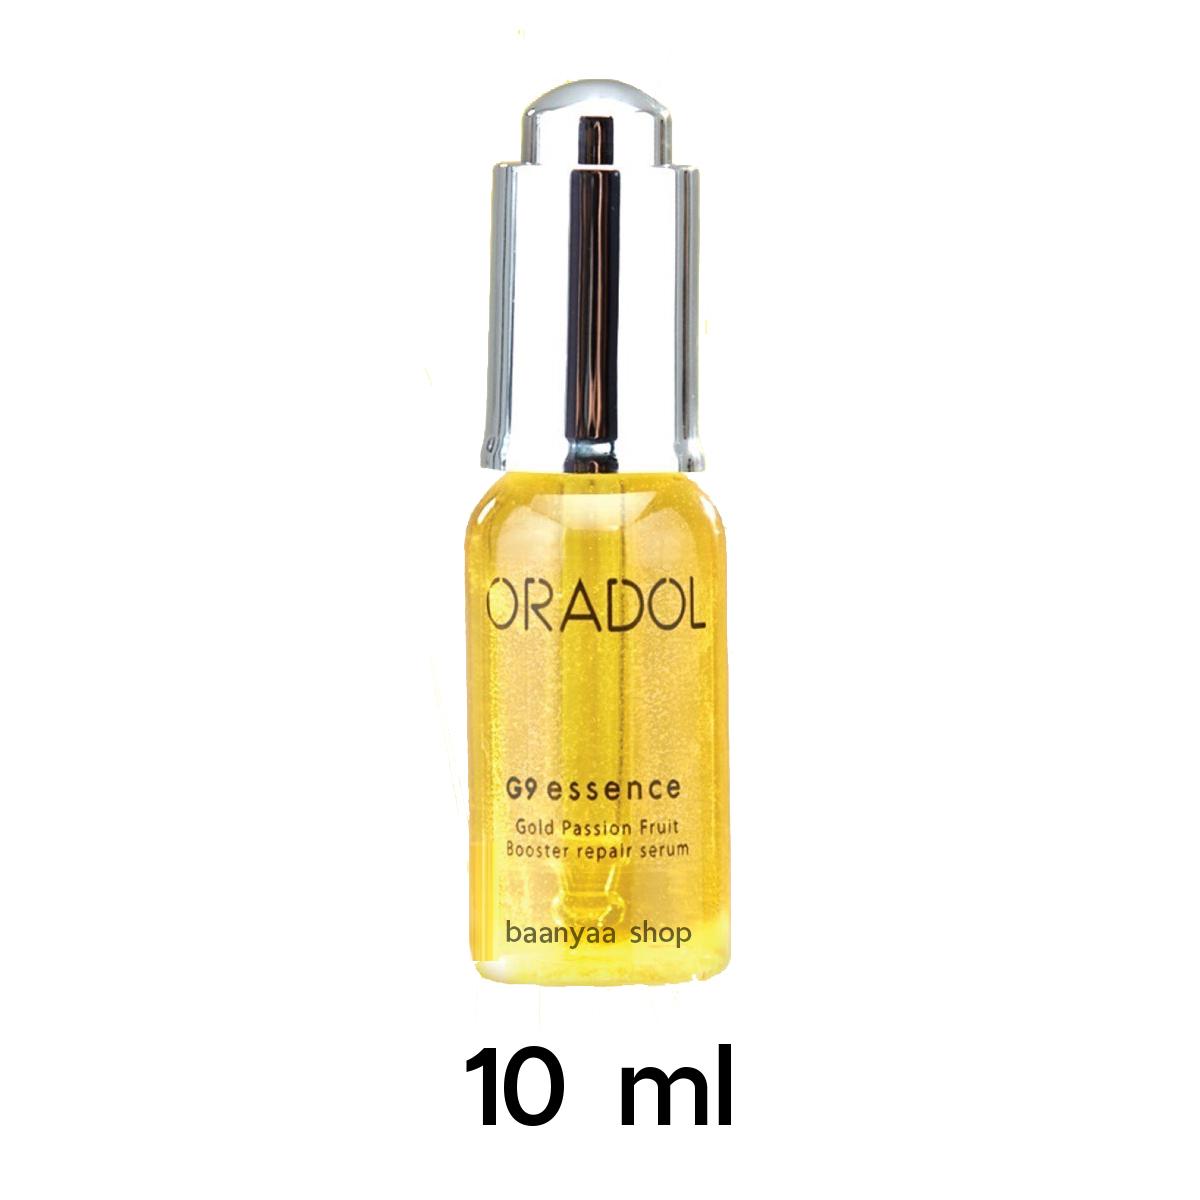 Oradol serum ออราดอล เซรั่ม เสาวรสสีทอง ผลิตภัณฑ์โดย แตงโม นิดา (ภัทรธิดา) จากผลการวิจัยประเทศฝรั่งเศส ขนาด ขวดเล็ก 10 มิลิลิตร 1 ขวด